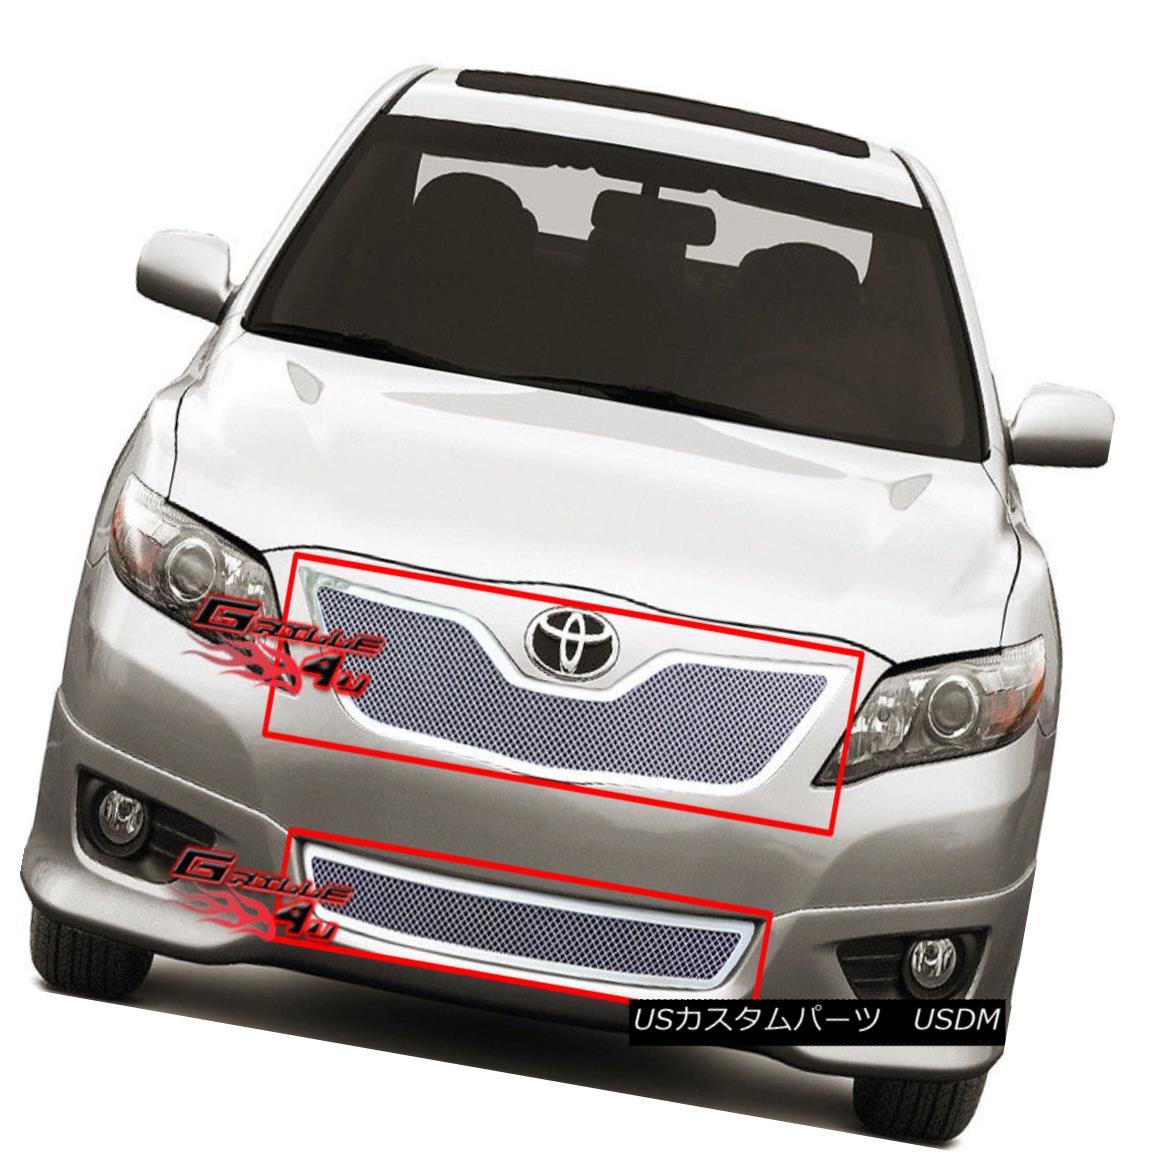 グリル Fits 10-11 2011 Toyota Camry Stainless Mesh Grille Combo フィット2011年10月11日トヨタカムリステンレスメッシュグリルコンボ